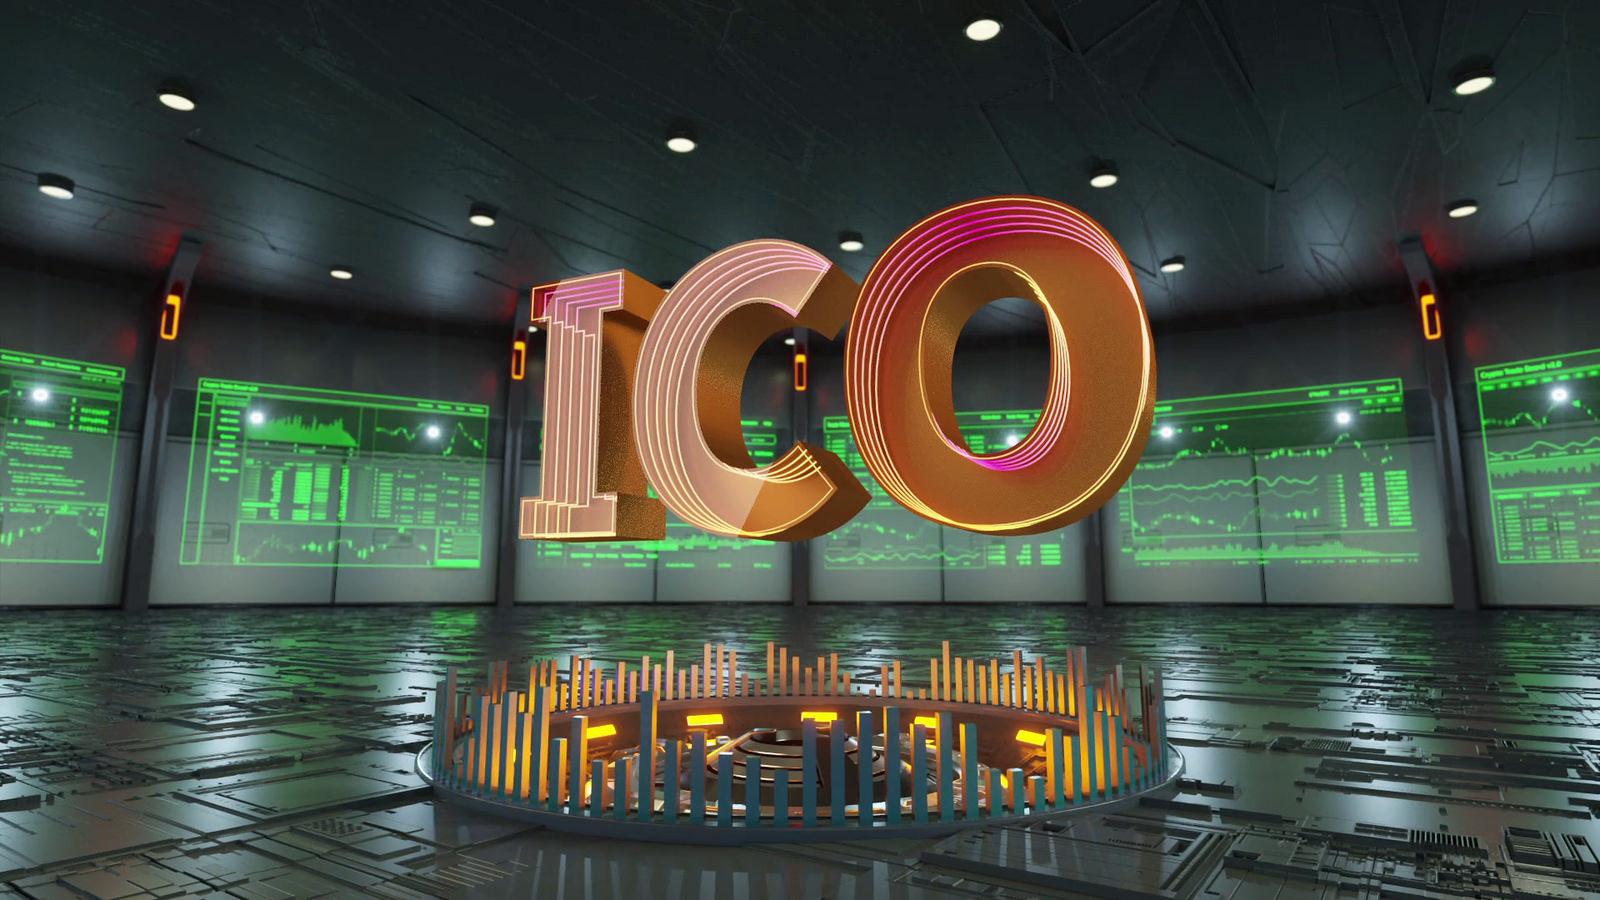 Krypto ICO